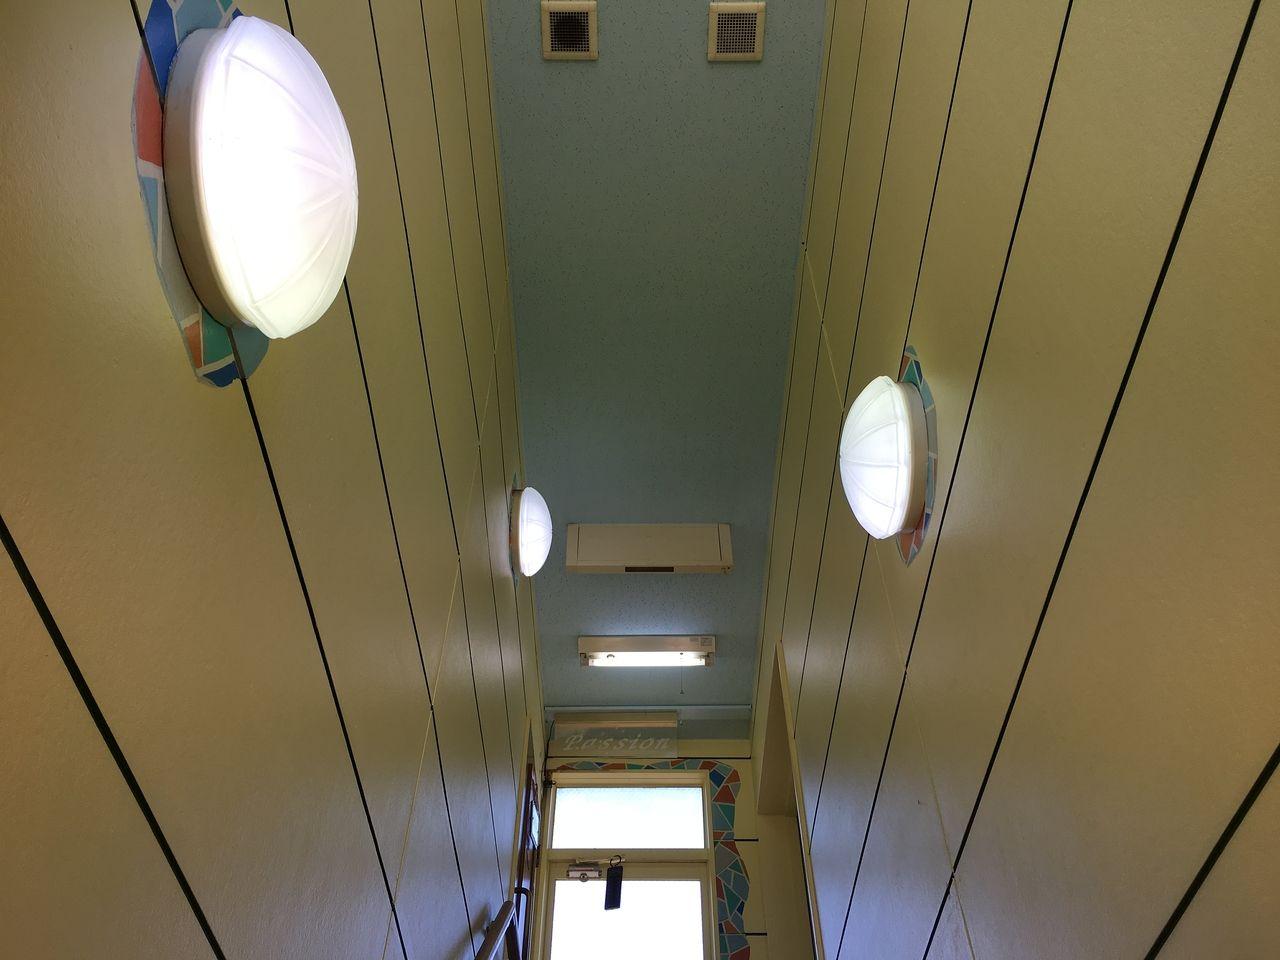 ア・ス・ヴェルデⅢの階段部分にある電気3つとも蛍光灯を交換しました!